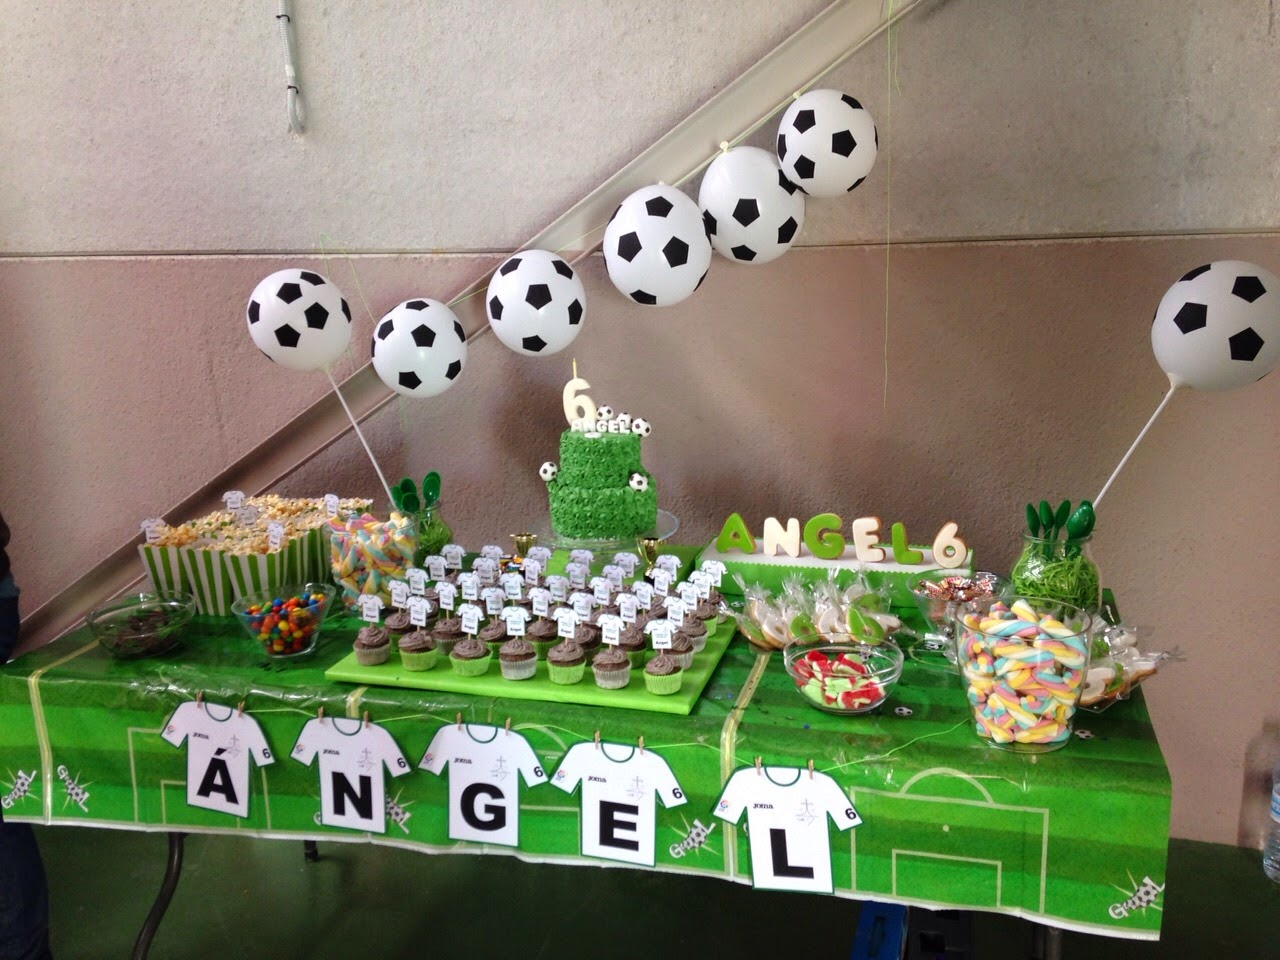 imagenes de cumpleanos de equipos de futbol Mundo